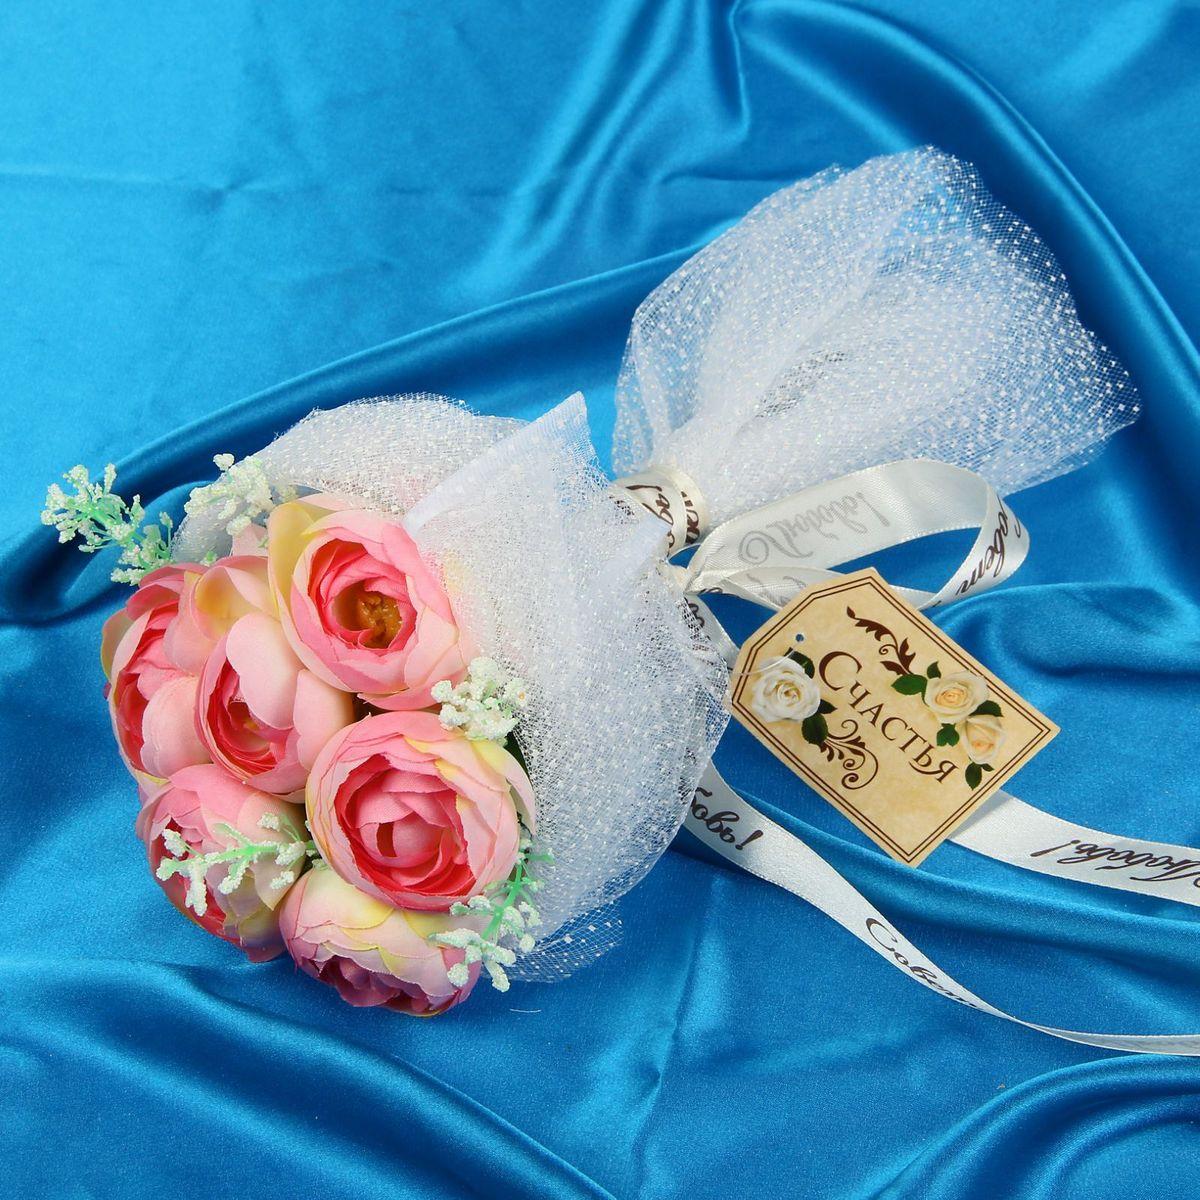 Букет-дублер Sima-land Романтик, цвет: белый, розовый1212625Свадьба — одно из главных событий в жизни человека. В такой день всё должно быть безупречно, особенно букет невесты. Но кидать, по старой традиции, цветочную композицию подругам не всегда удобно, и на помощь приходит букет-дублер Романтик чайные розы — красивый и яркий аксессуар. Стебли оформлены лентой с надписью Совет да любовь. Букет дополнен шильдом с тёплым пожеланием. После торжества он украсит любой интерьер, ведь нежные цветы из текстиля не завянут и не помнутся.